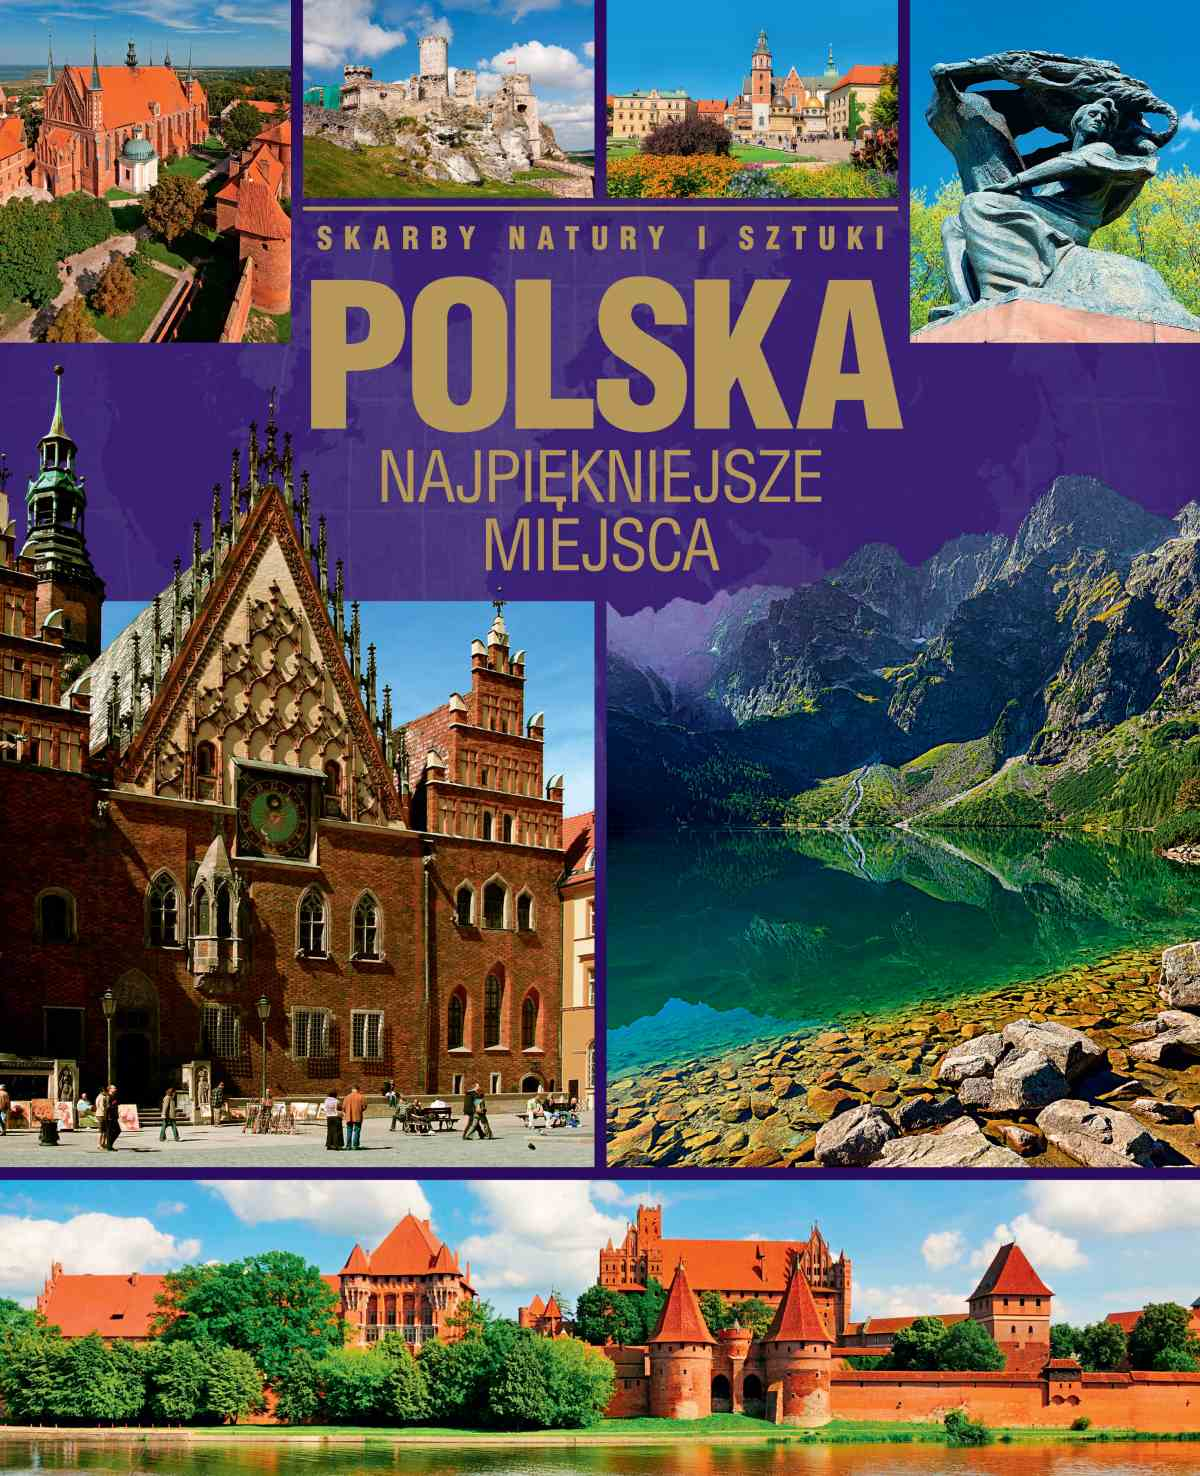 Polska. Najpiękniejsze miejsca - Ebook (Książka PDF) do pobrania w formacie PDF